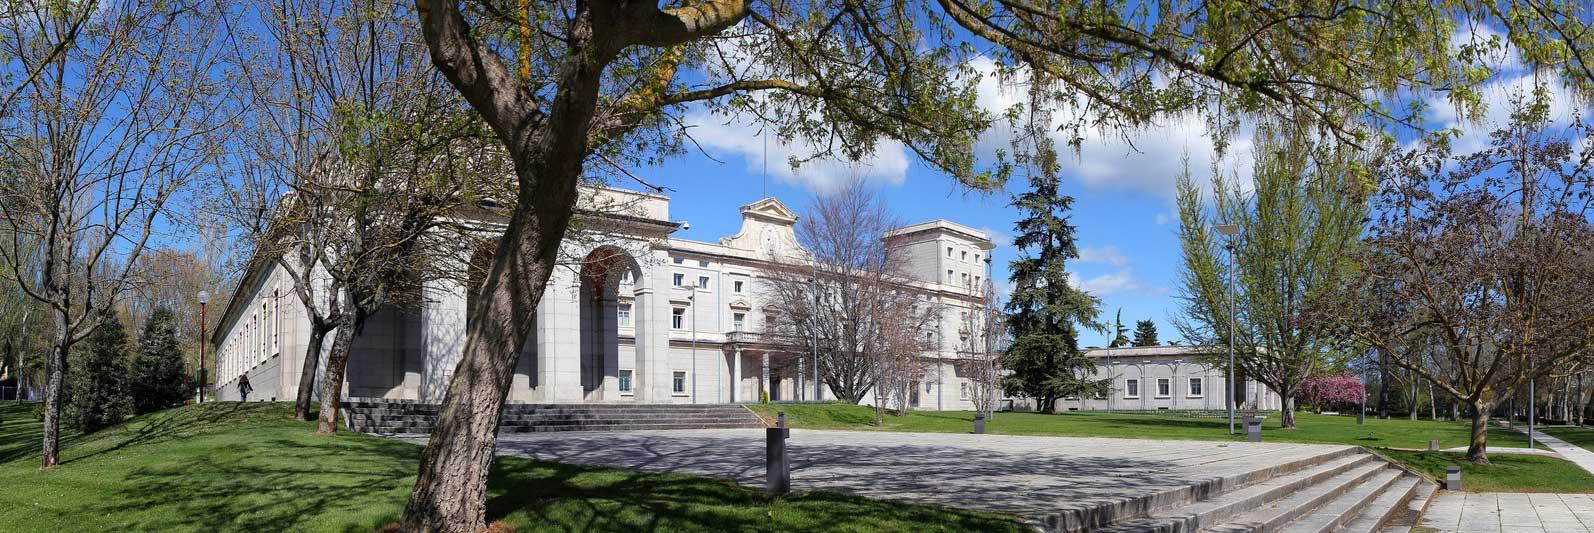 Grado De Dise O En La Universidad De Navarra Octavio